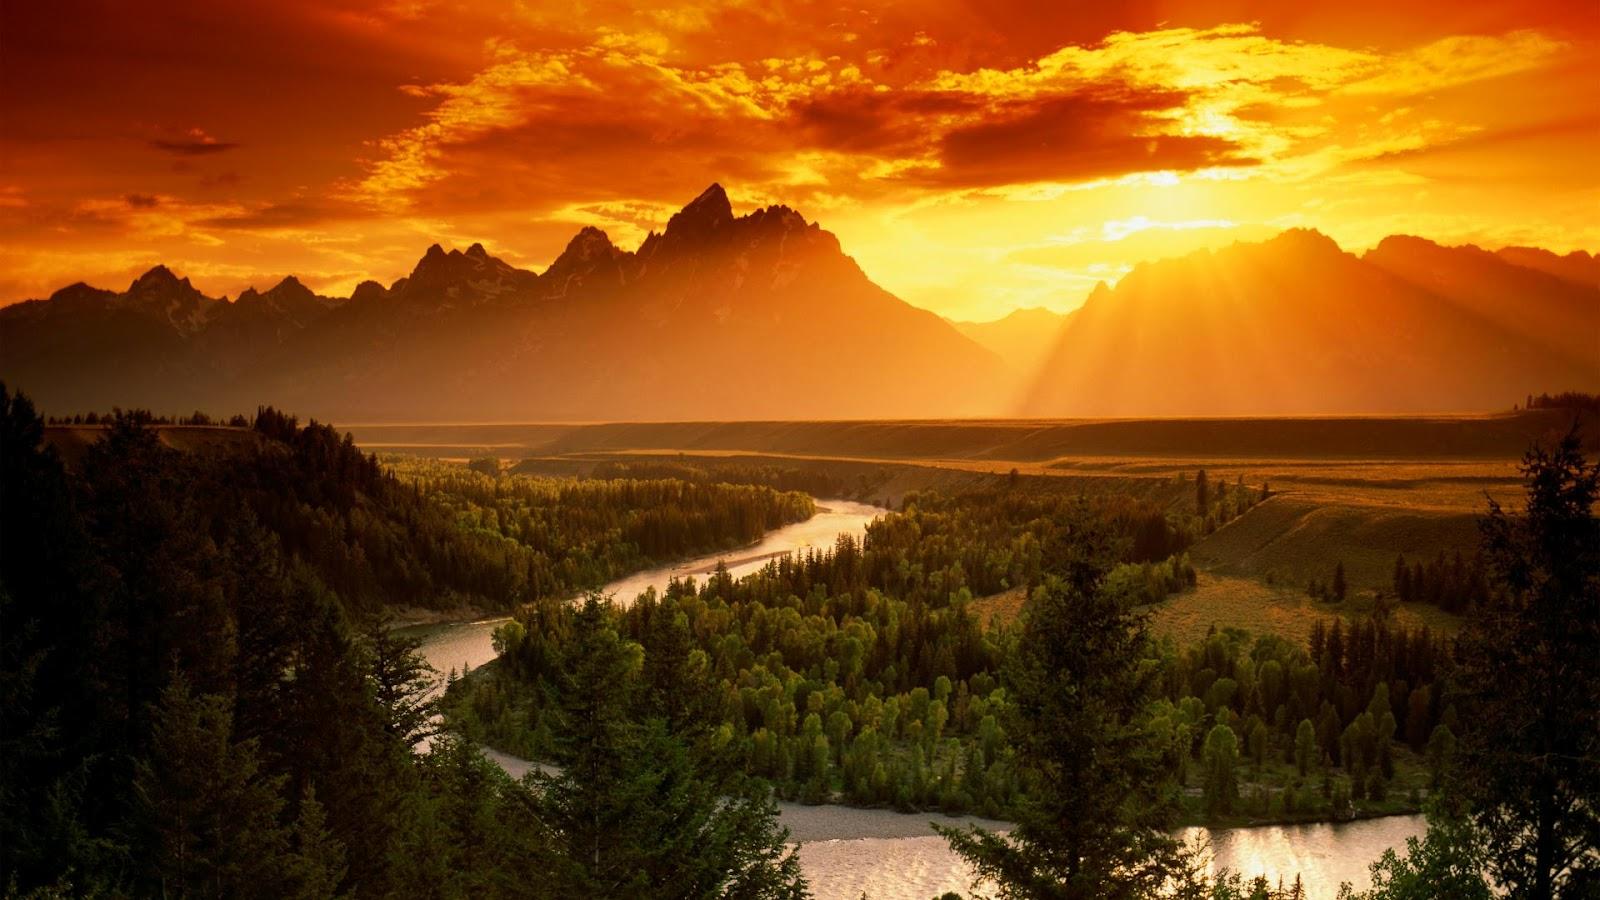 Mountain Sunset HD Wallpaper MYwallpaperPicsBlogspotcom 1600x900